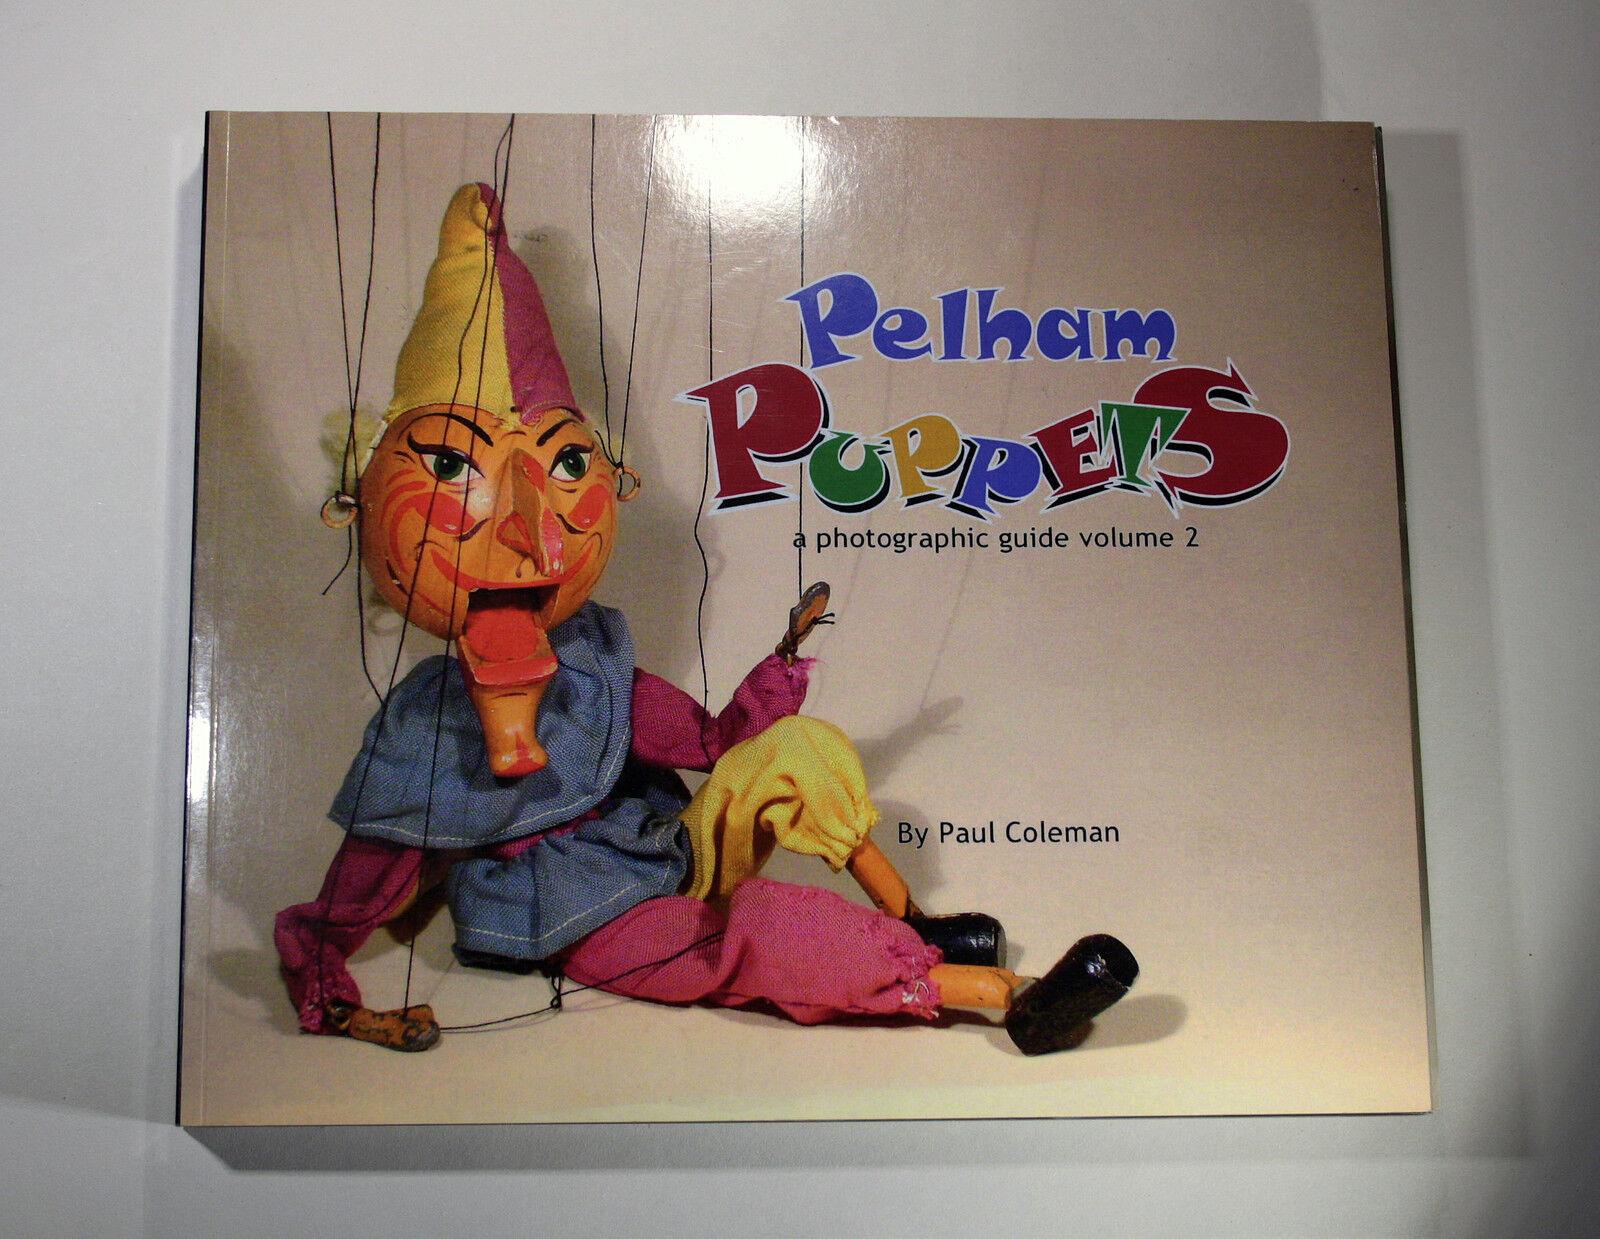 Pelham títeres una guía fotográfica volumen 2-un coleccionista  debe tener  libro